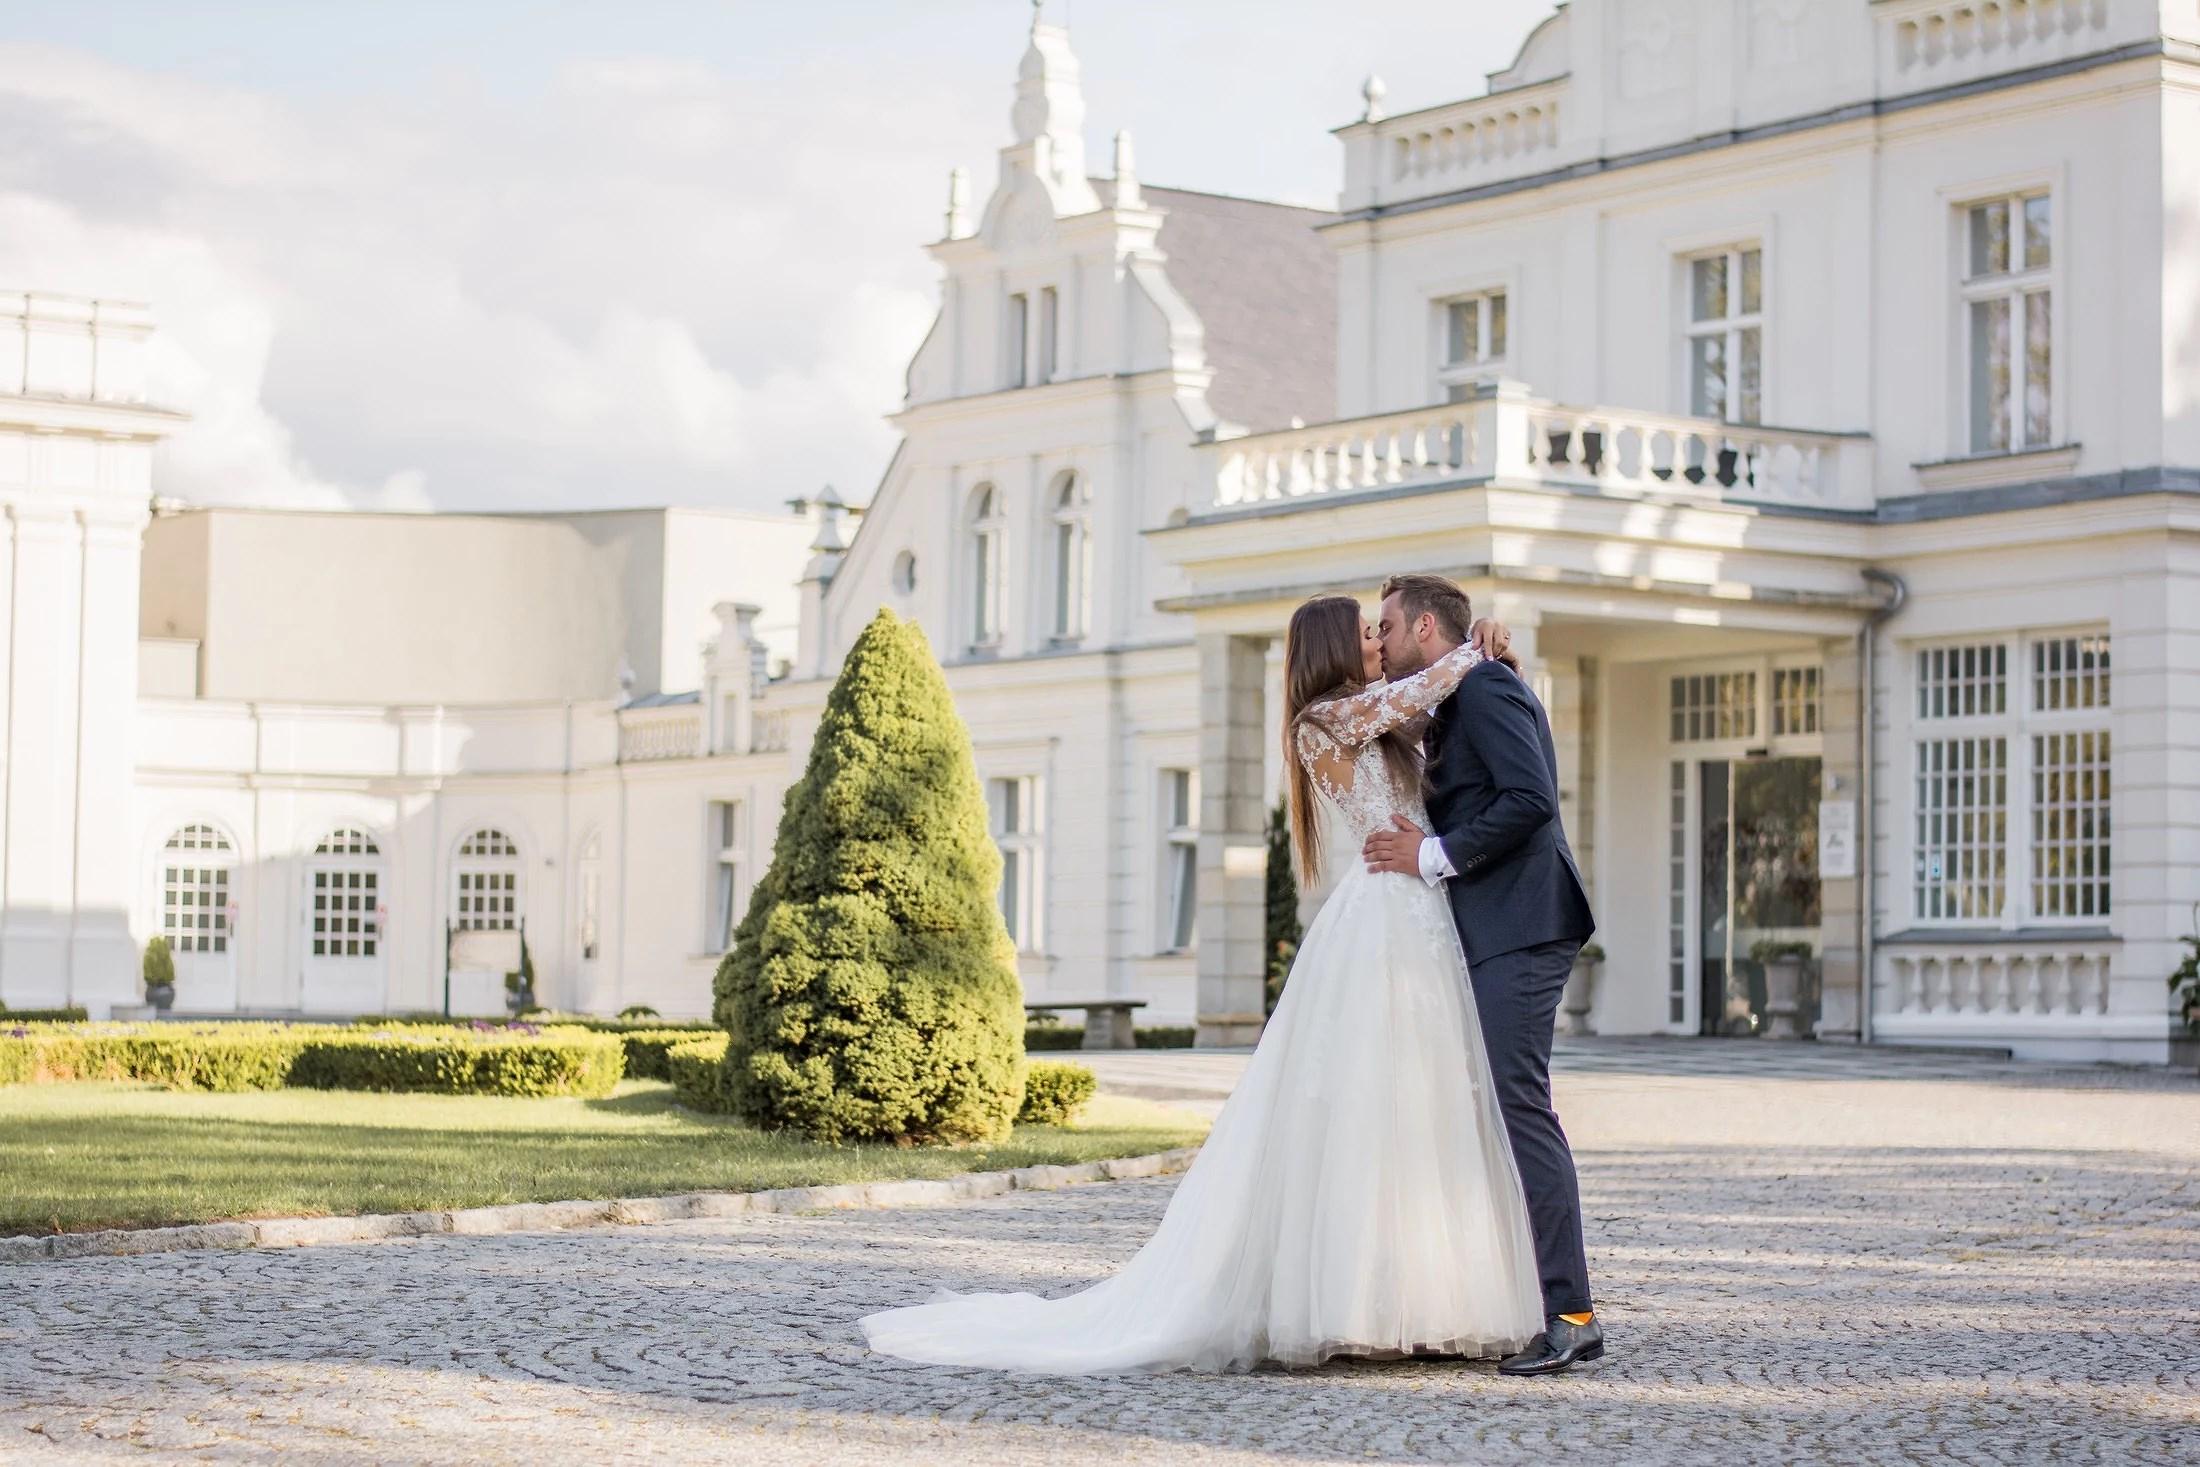 Sesja ślubna w Pałacu Romantycznym cz.1